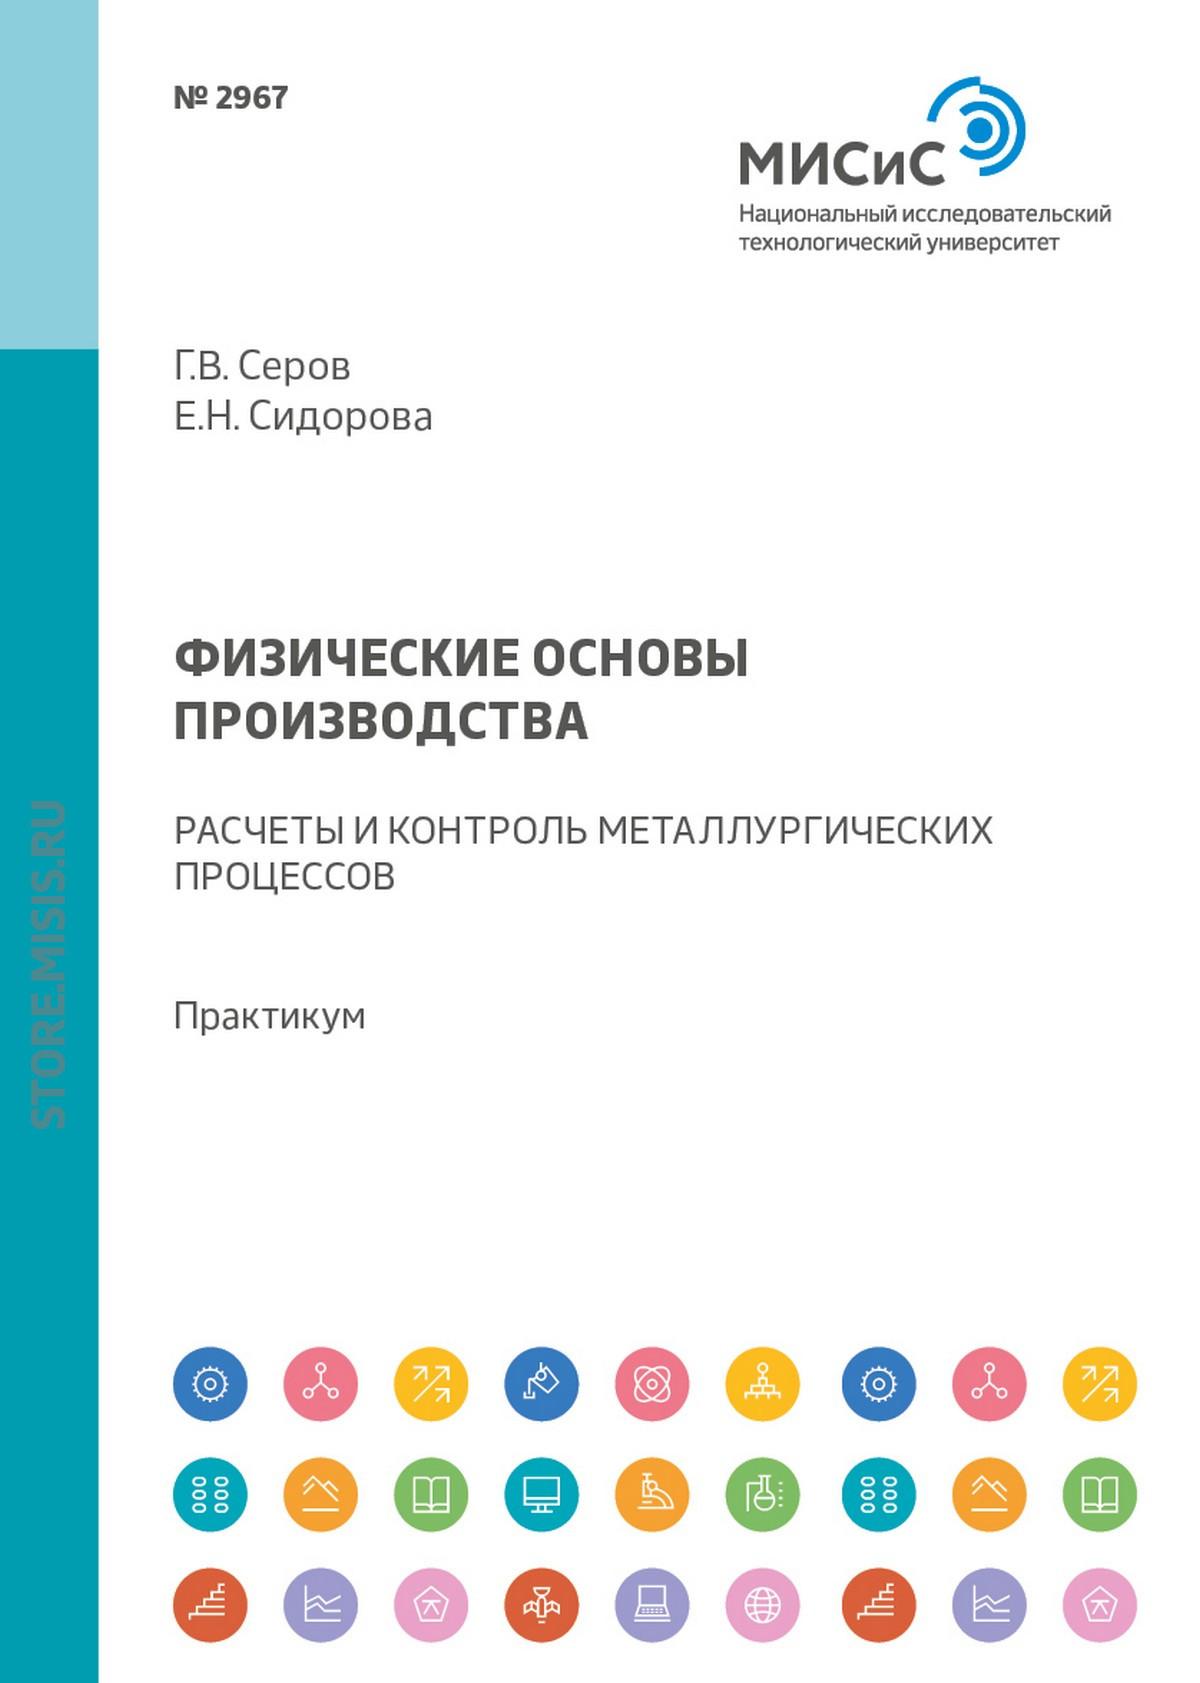 Е. Н. Сидорова / Физические основы производства. Расчеты и контроль металлургических процессов. Практикум